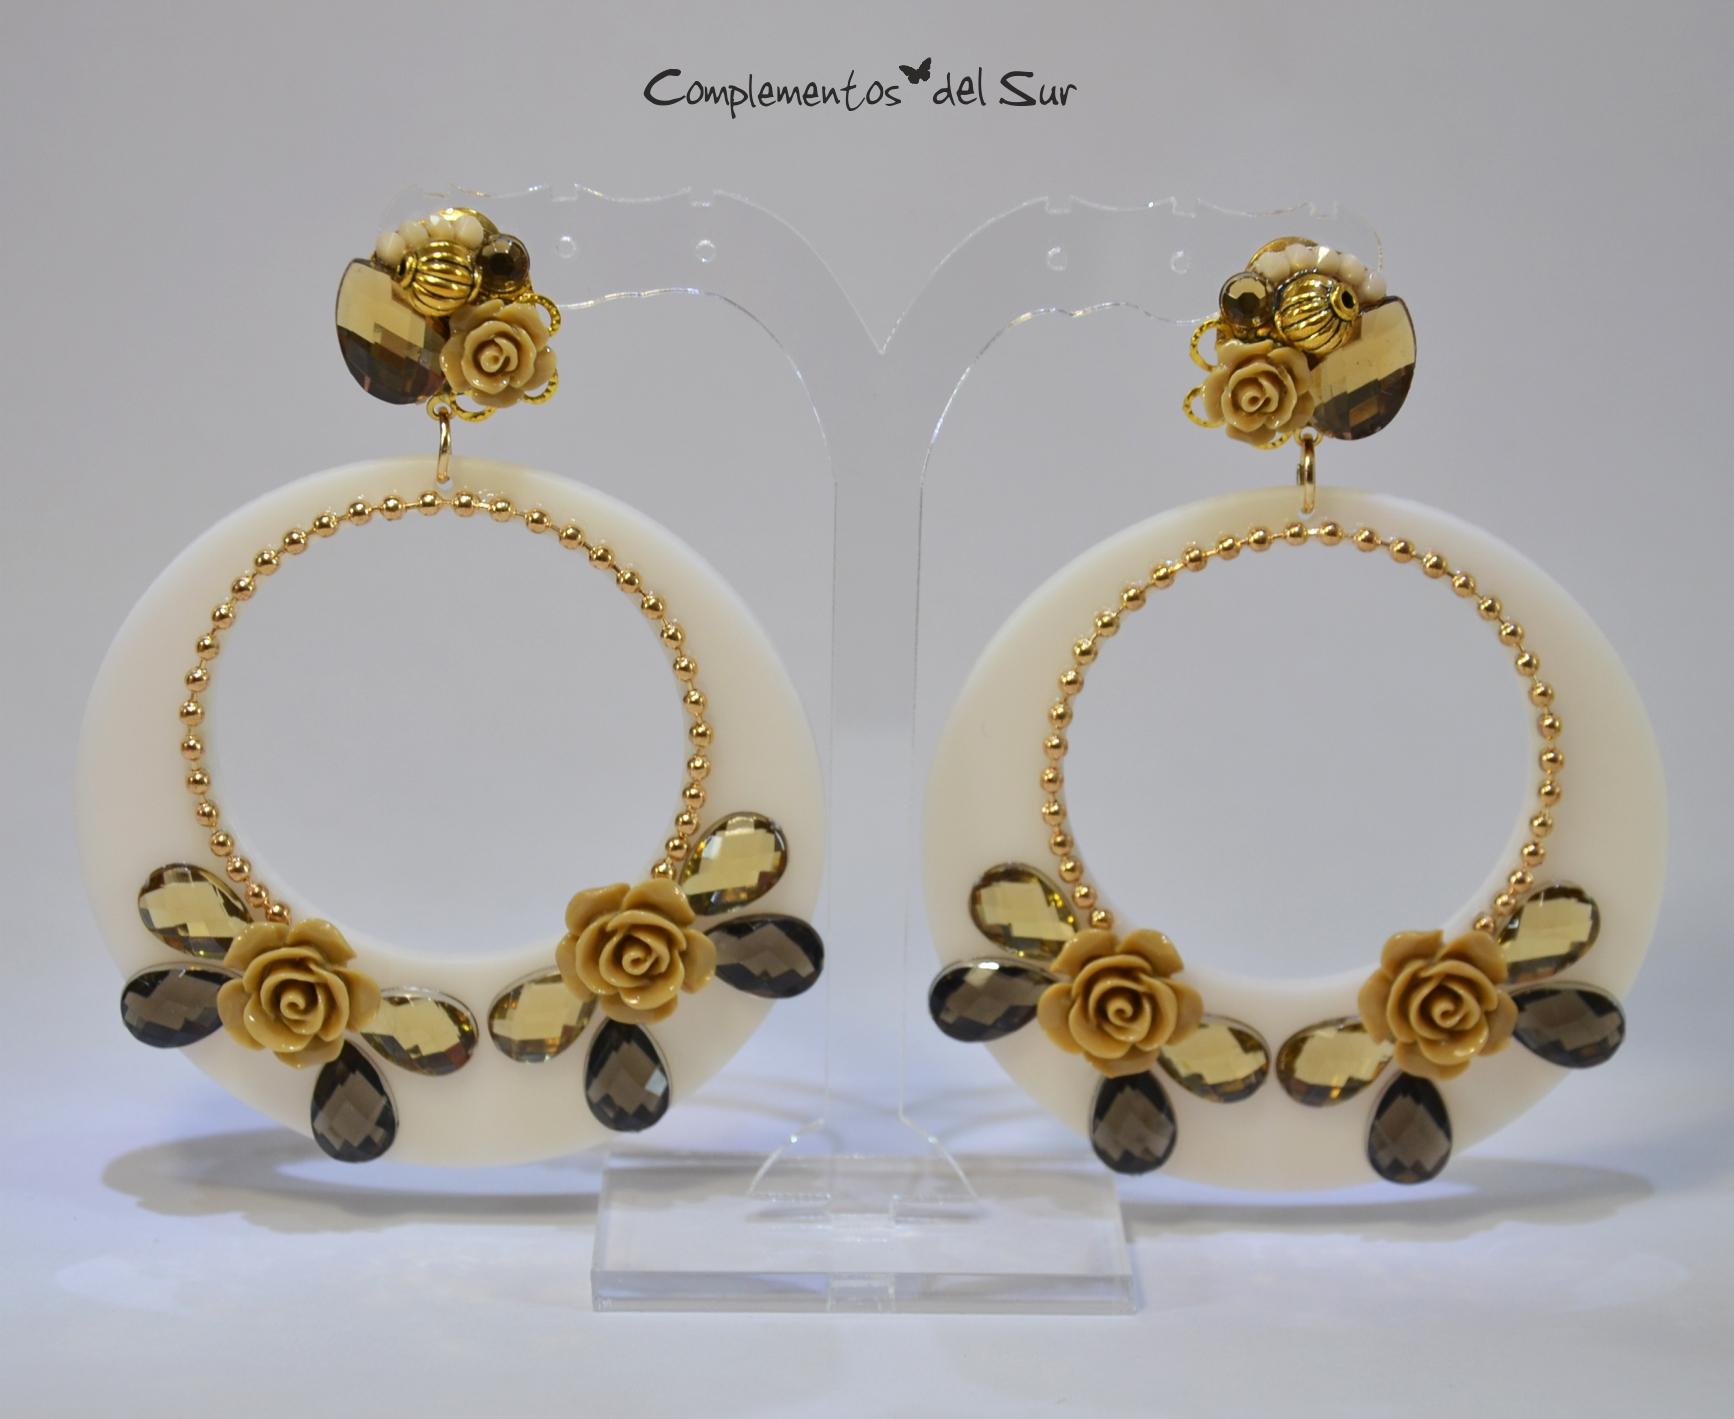 9bd8172bbed5 Pendientes de Flamenca - Complementos del Sur